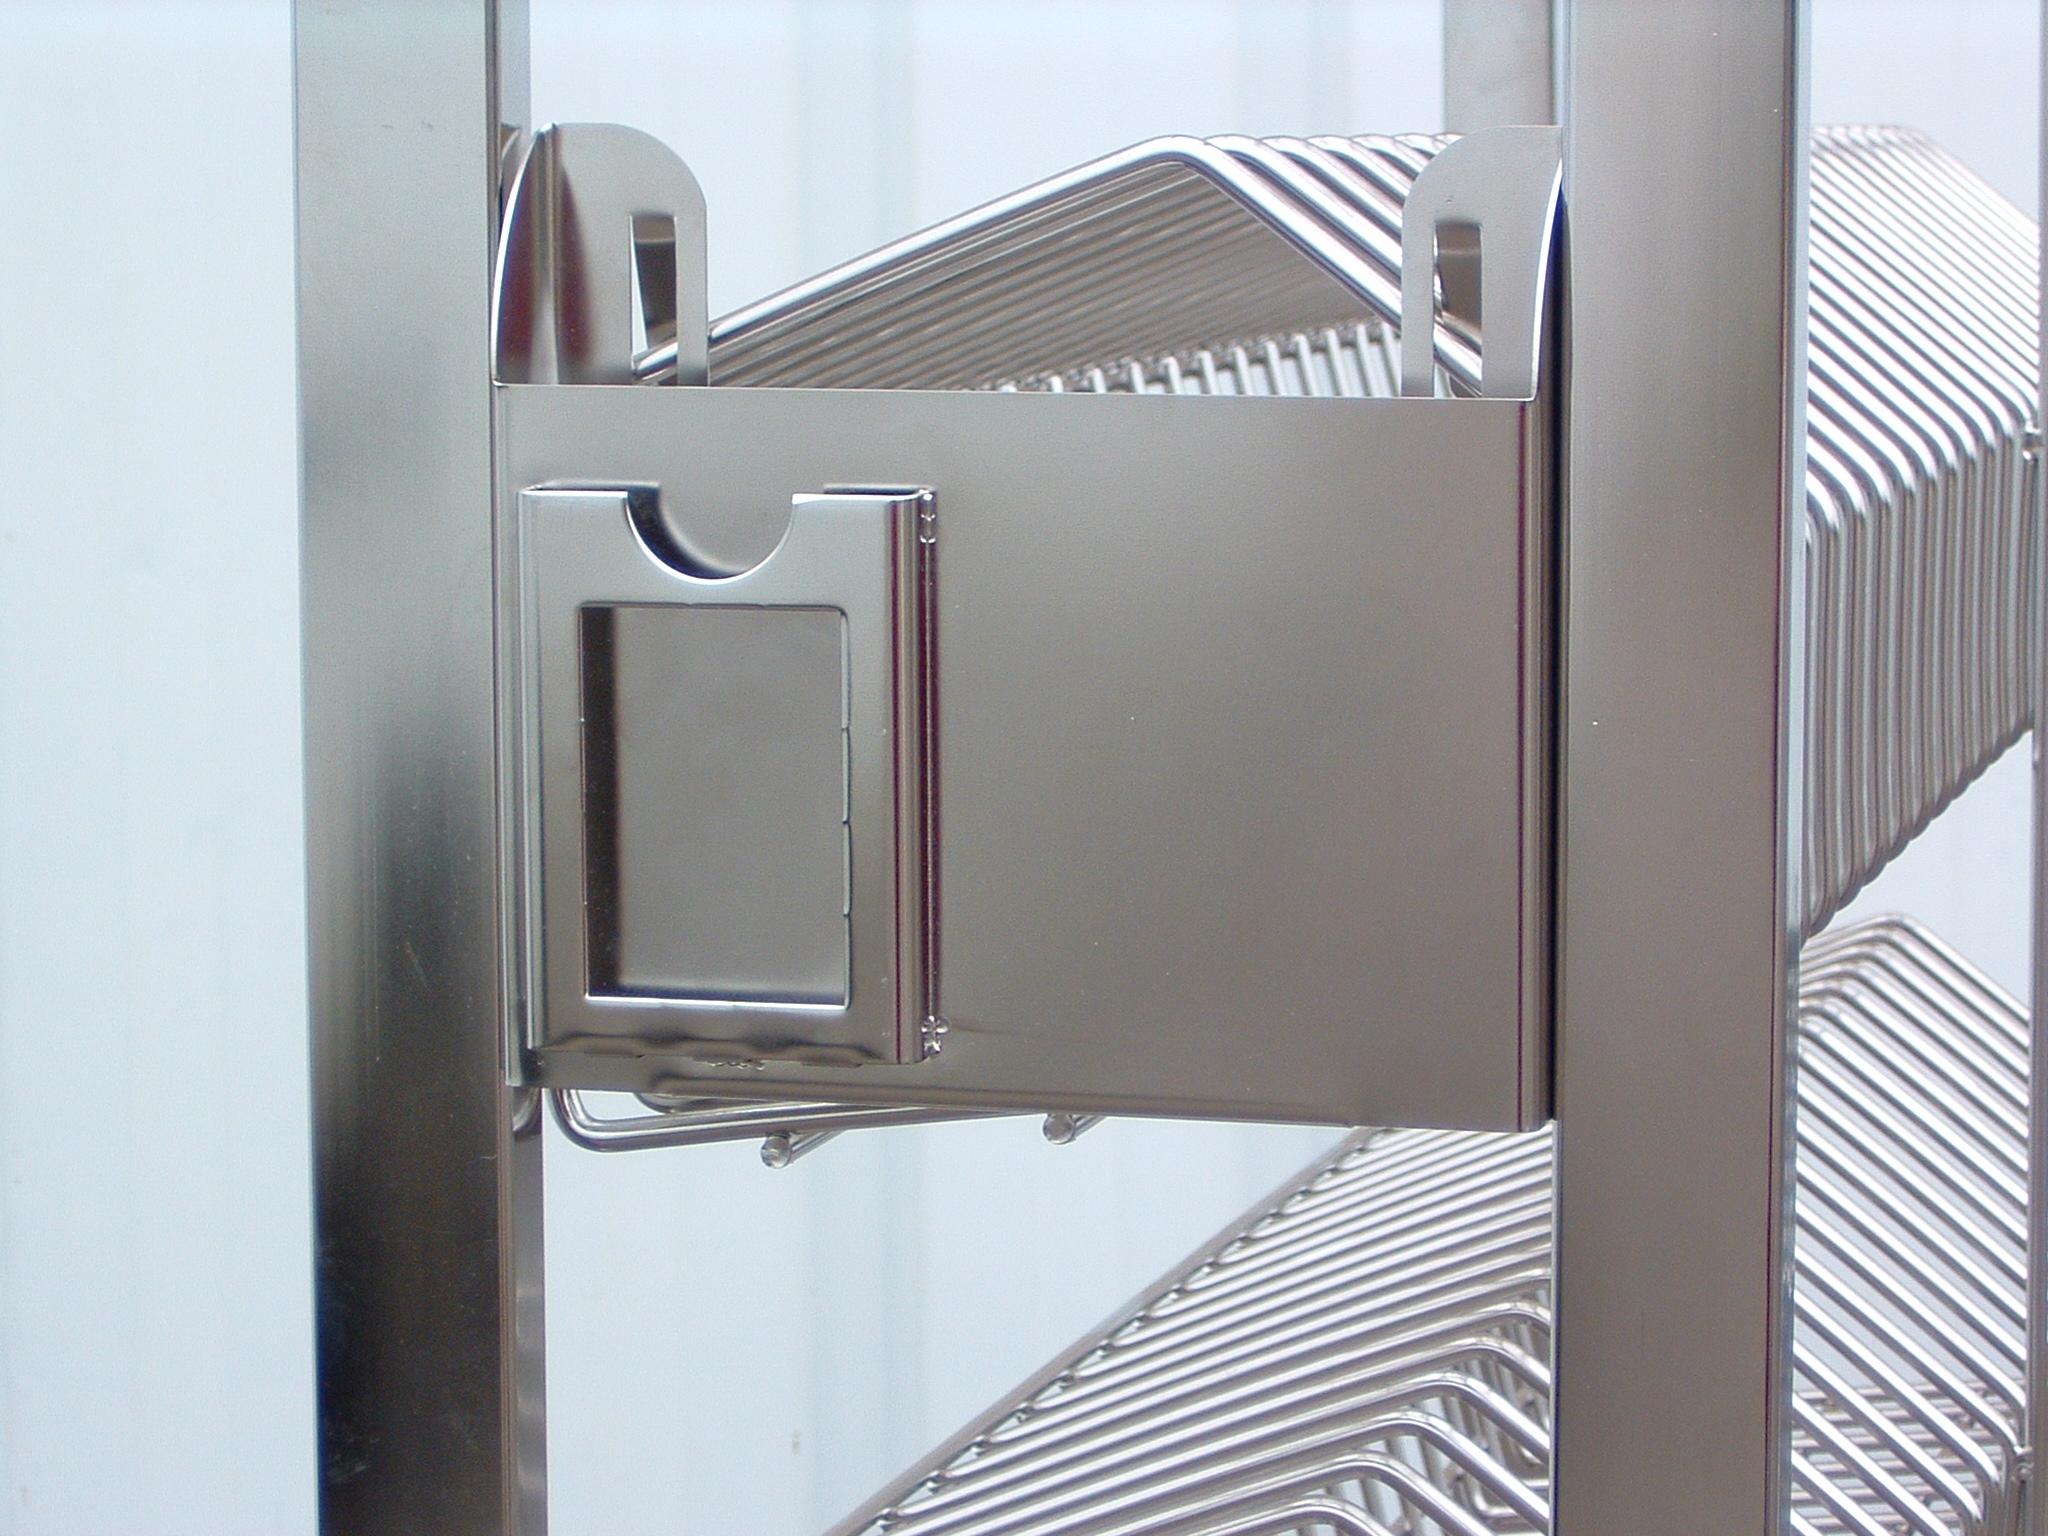 Porte étiquette Sur Mobilier Salle Blanche